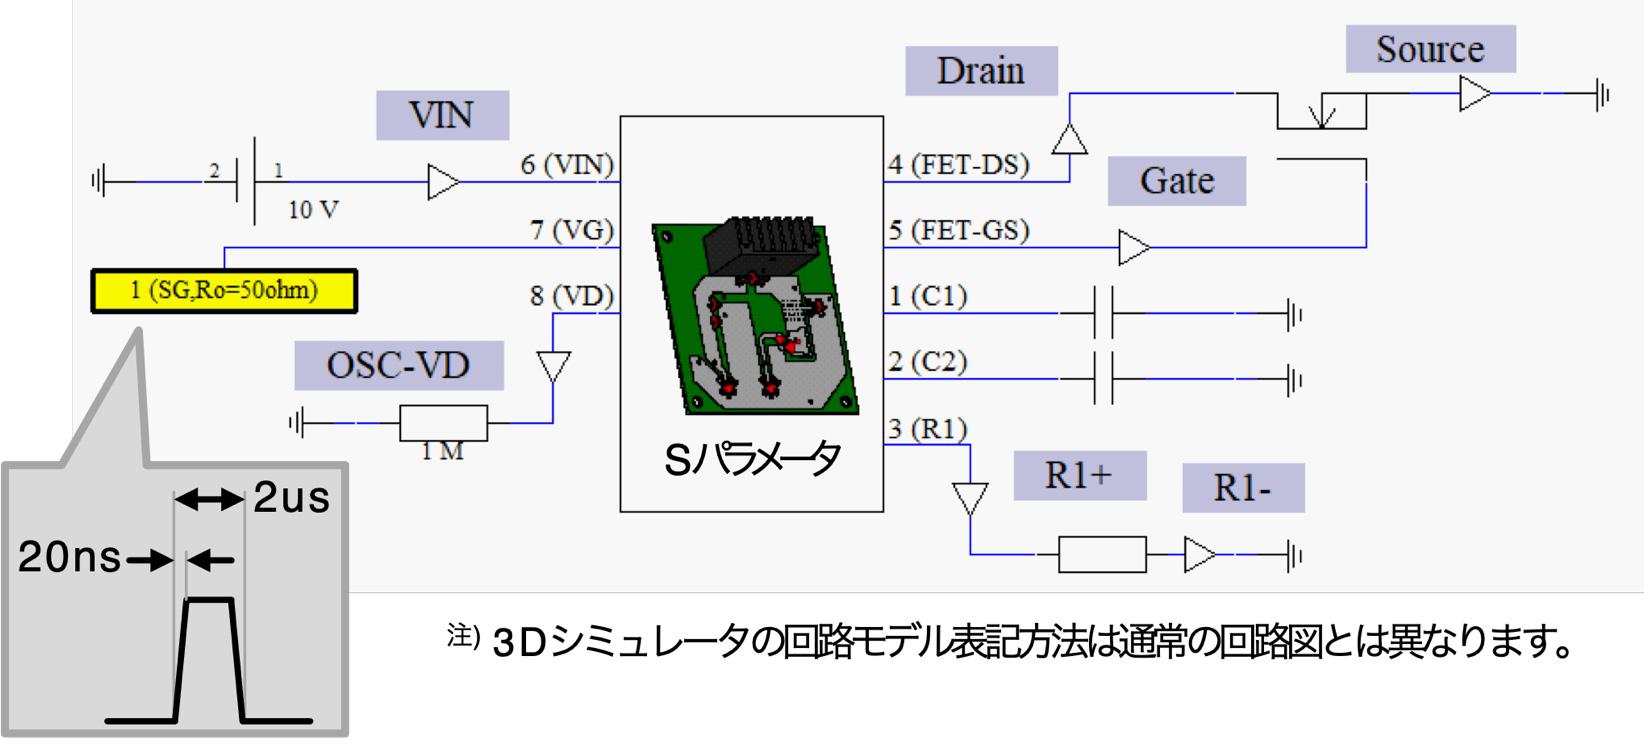 図4. 基板3D-過渡解析モデル